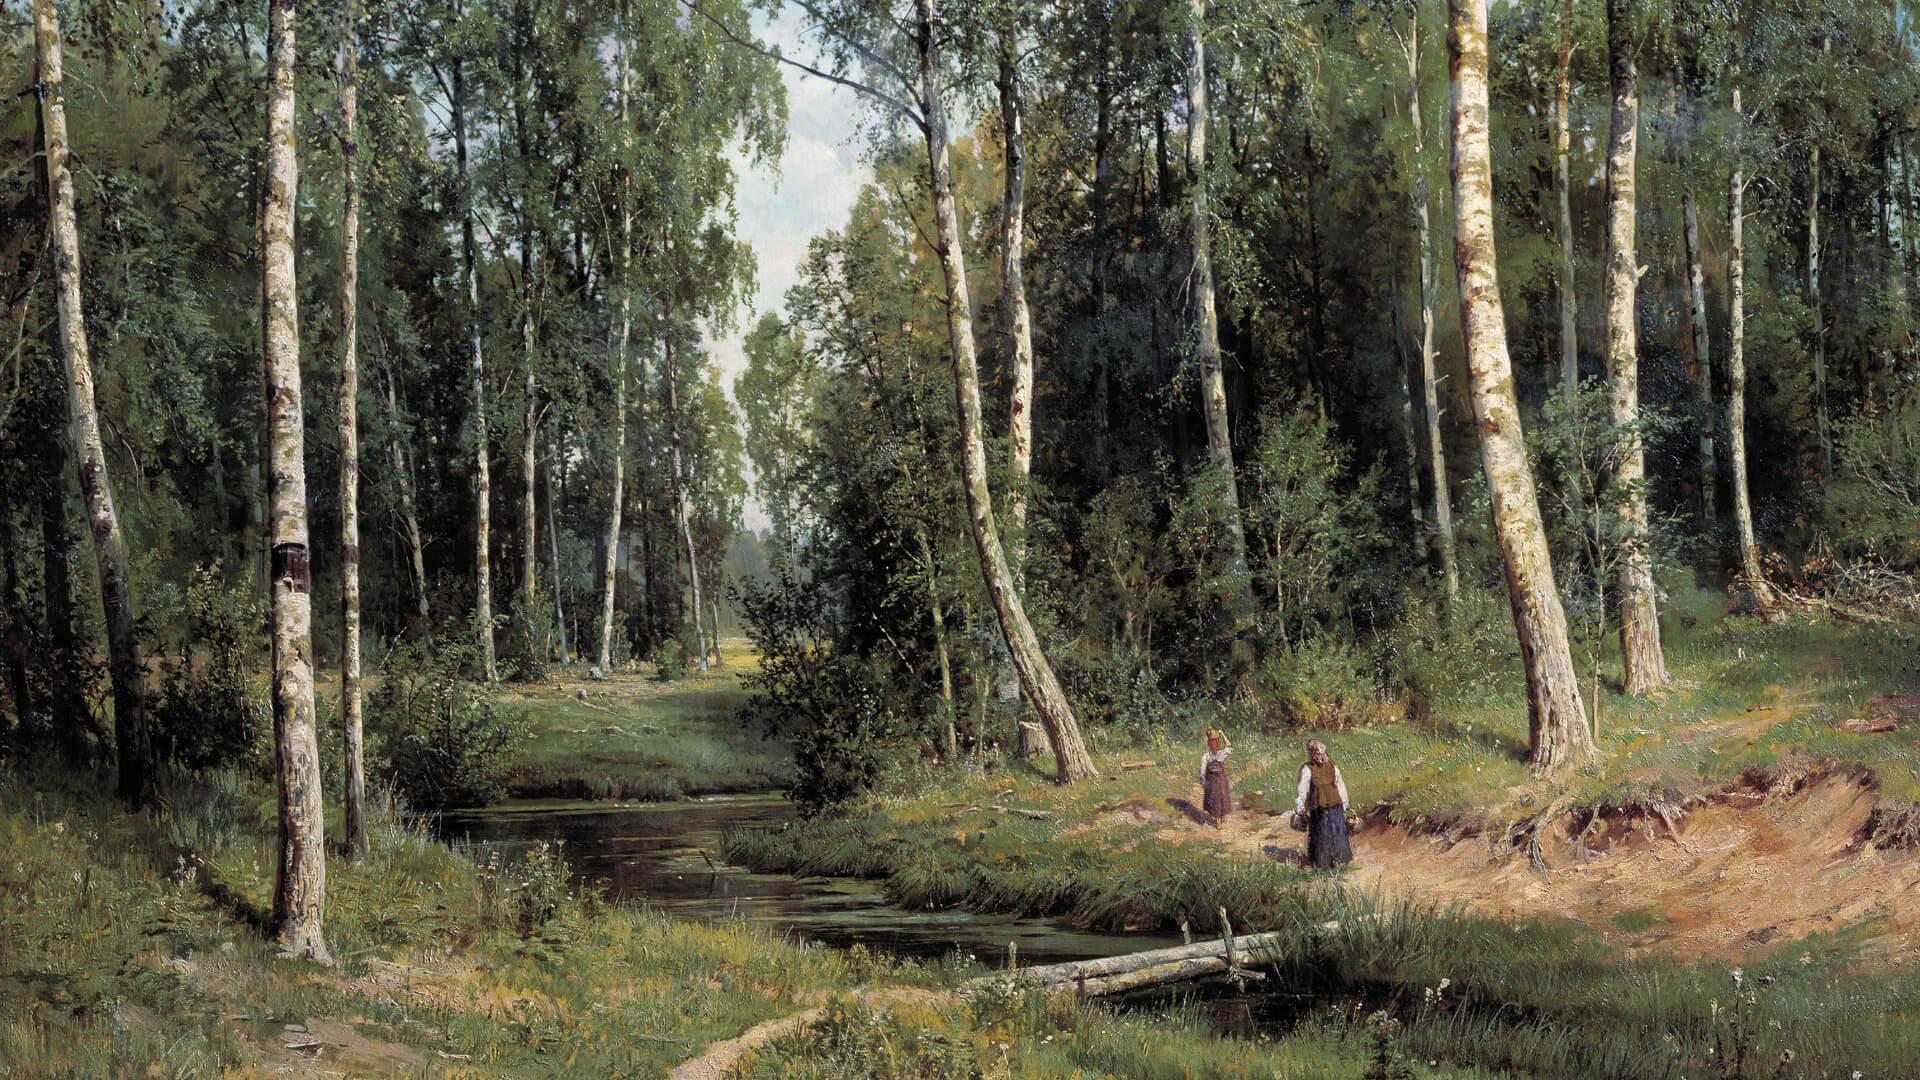 イヴァン・シーシキン Iwan_Schischkin / Brook in Birch Forest